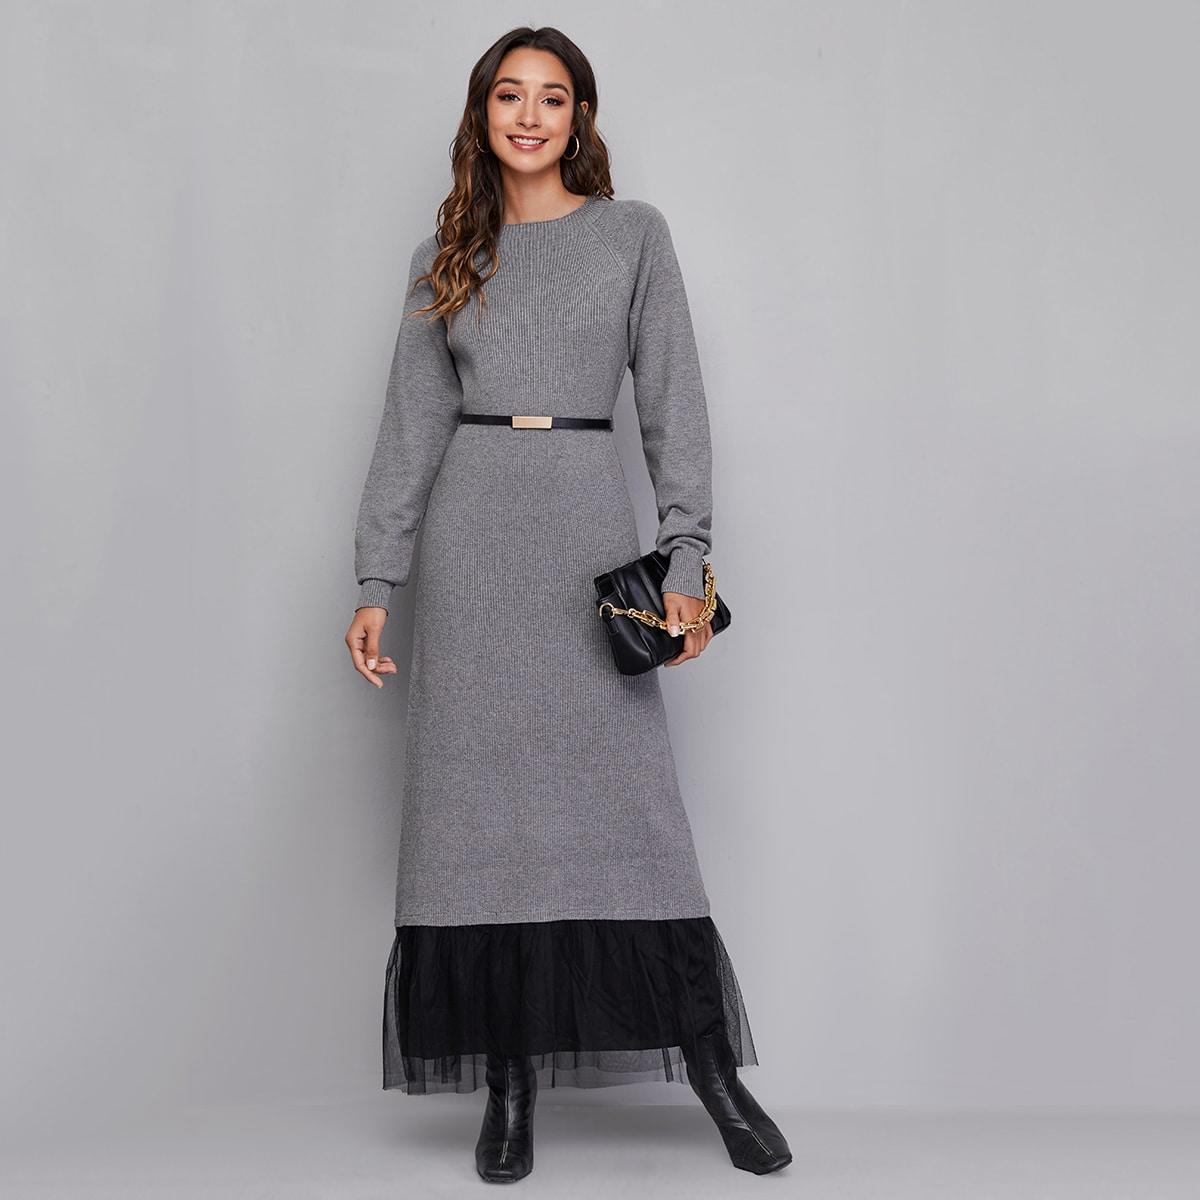 с оборками Контрастный цвет Повседневный Платья-свитеры